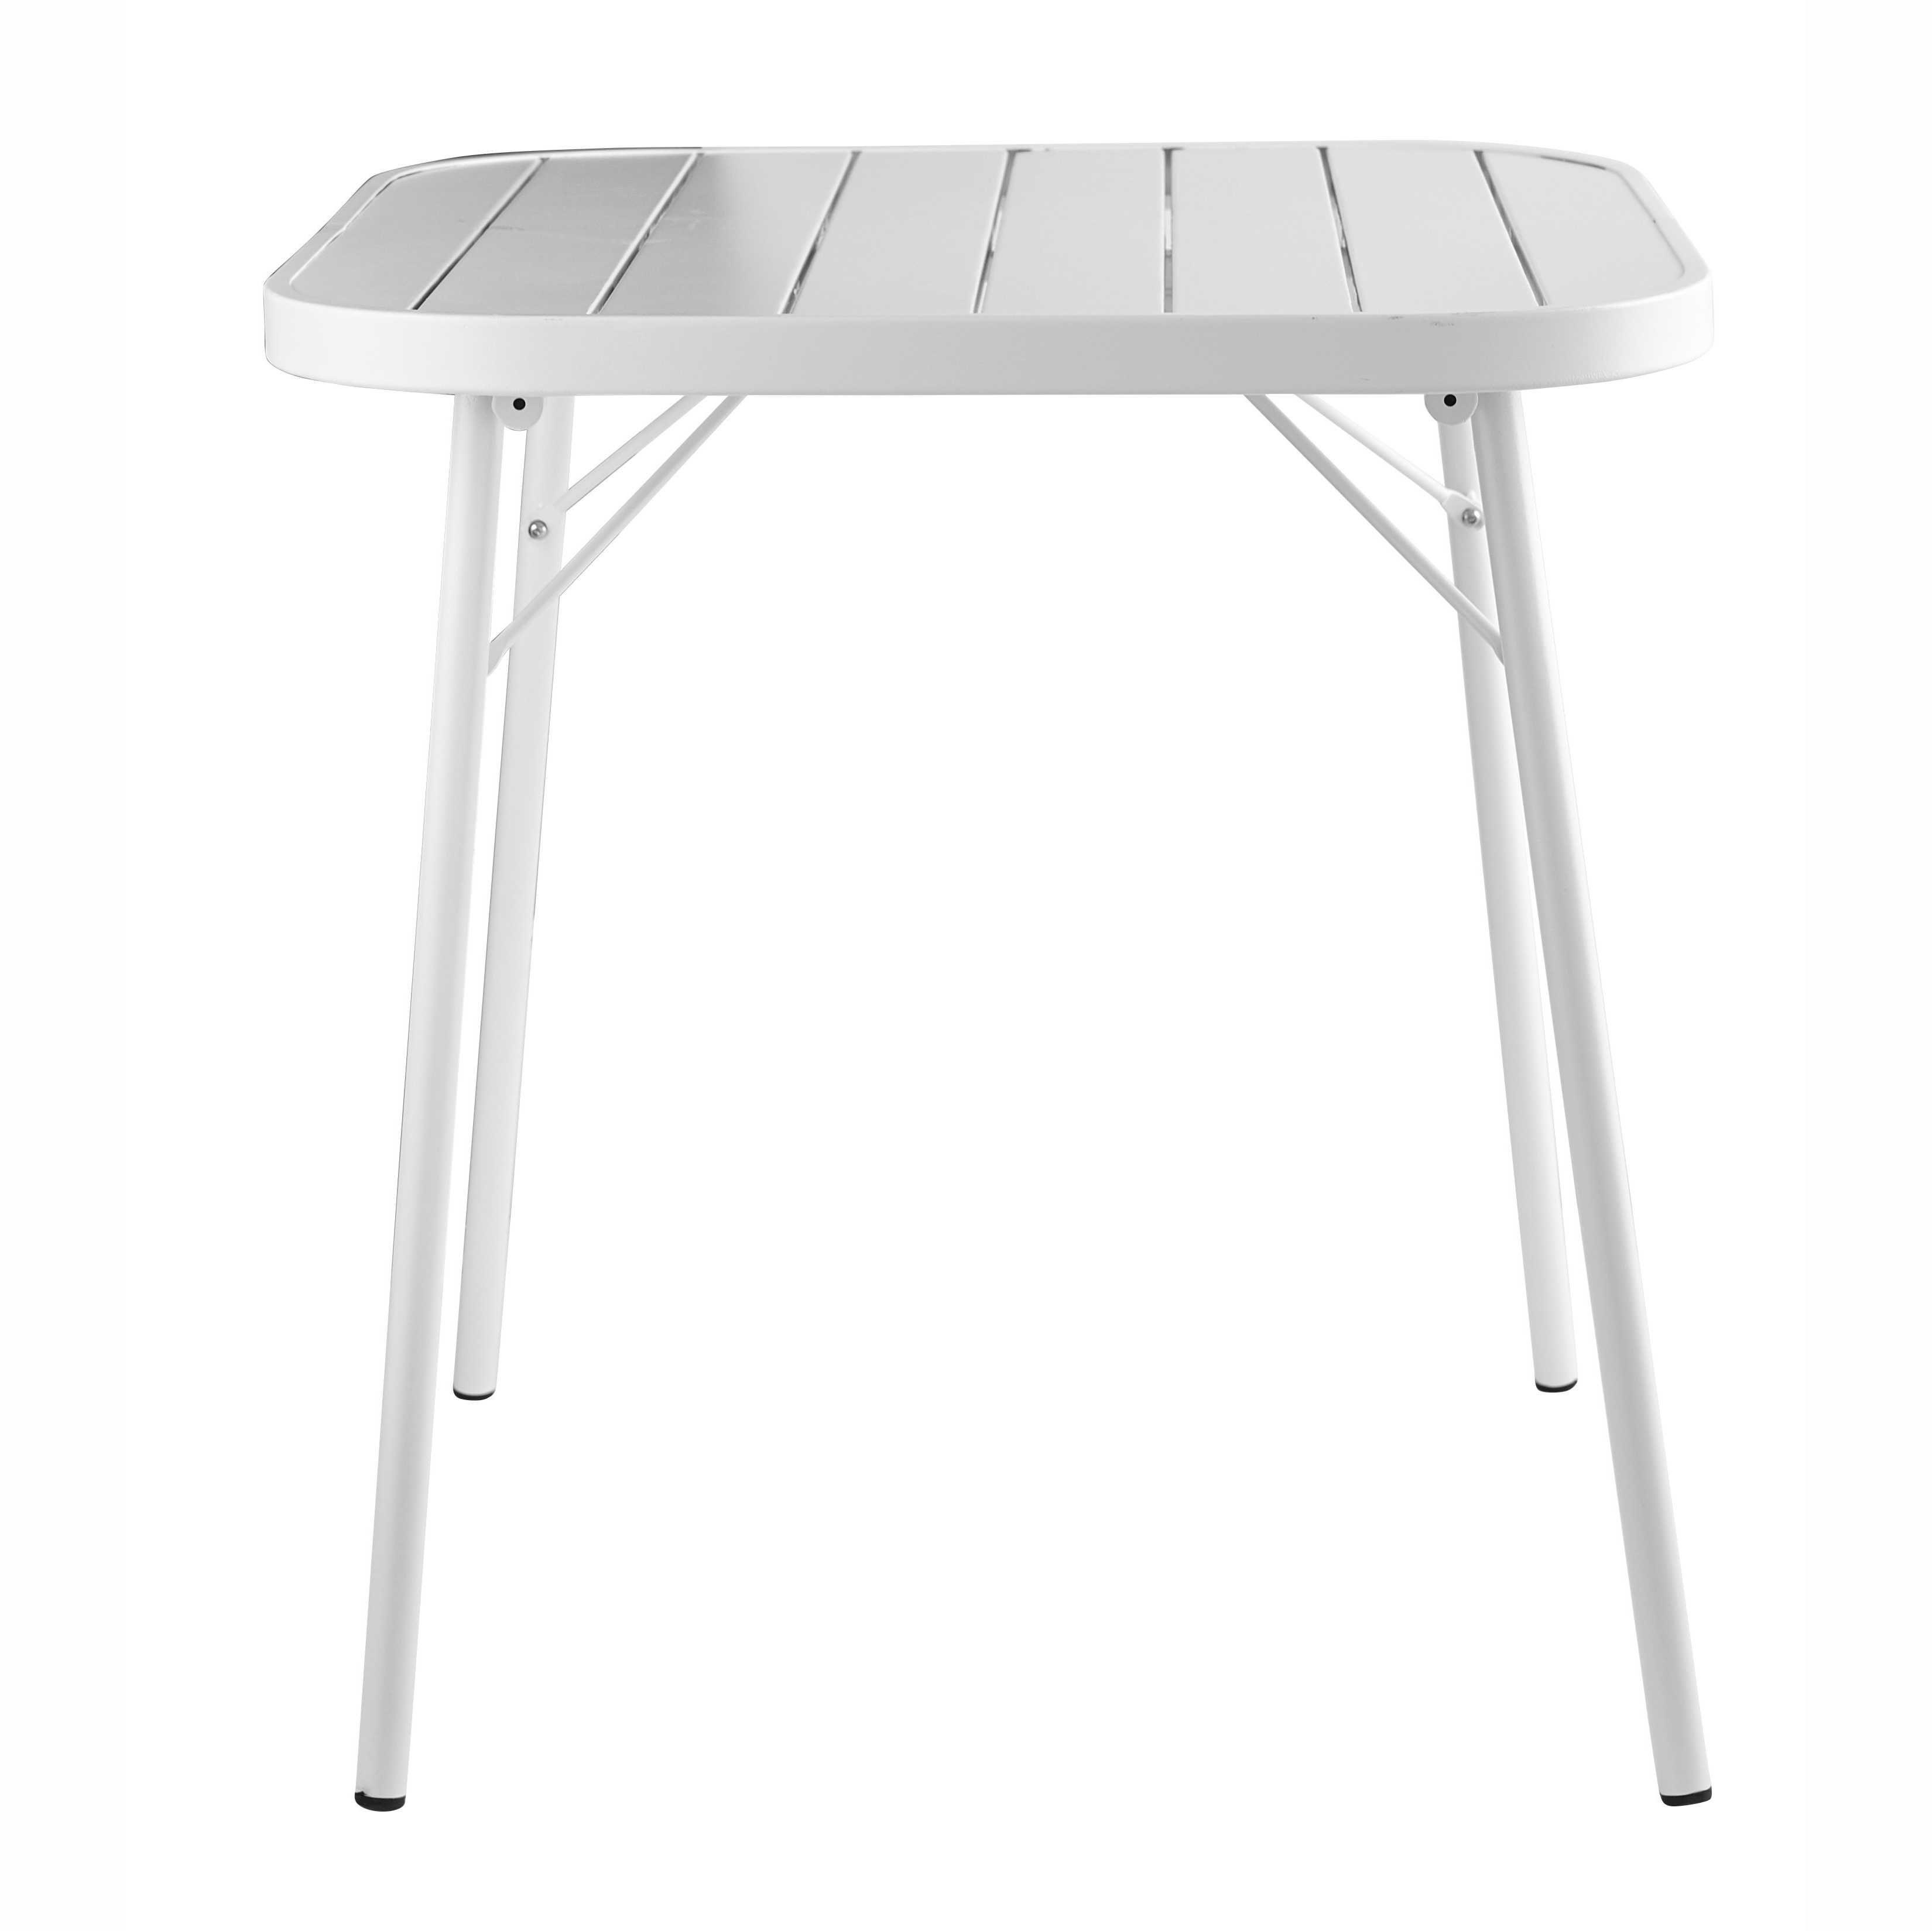 Mesa Plegable De Jard N De Metal Blanca L 70 Cm Soledad Terraza  # Muebles Soledad